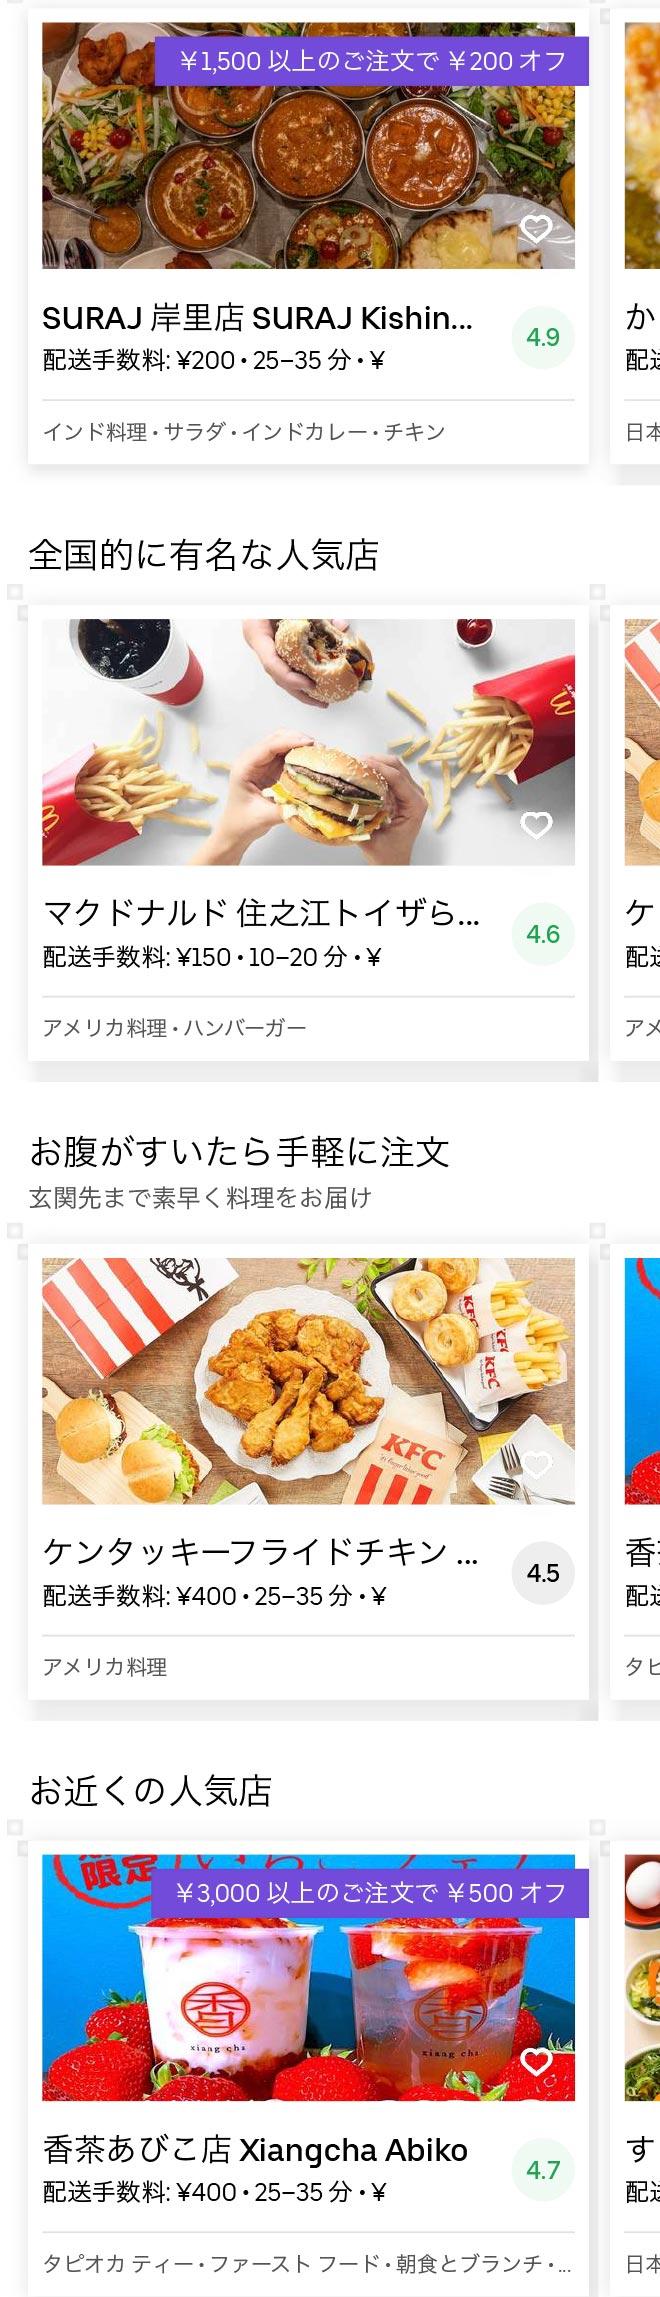 Osaka suminoe menu 2005 01